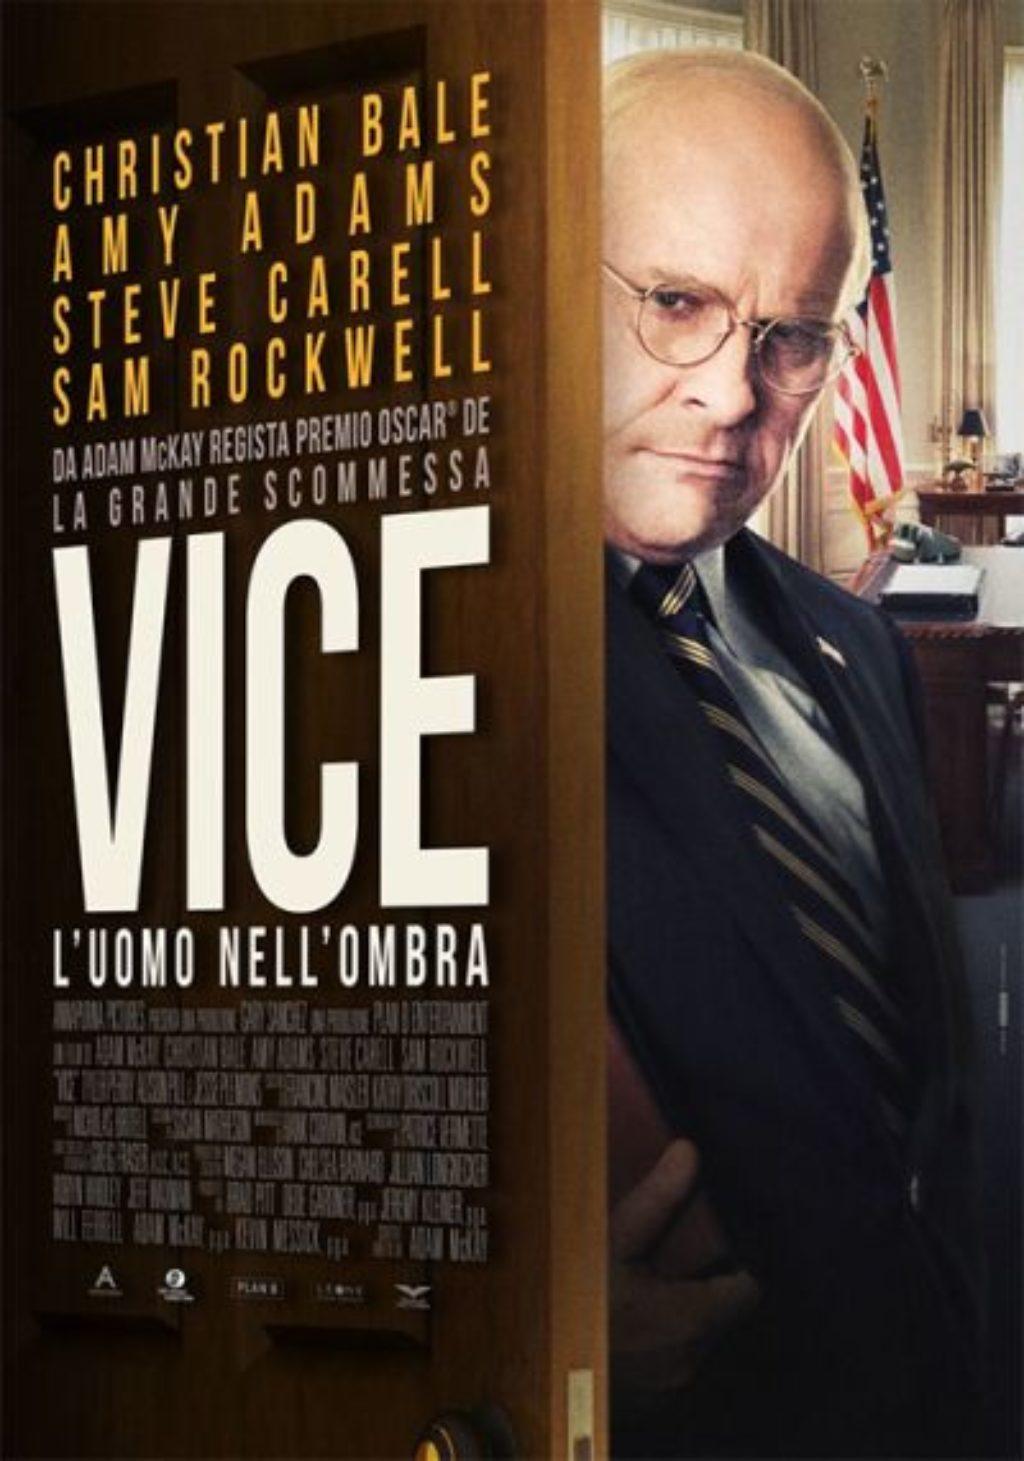 viceluomonellombra_big